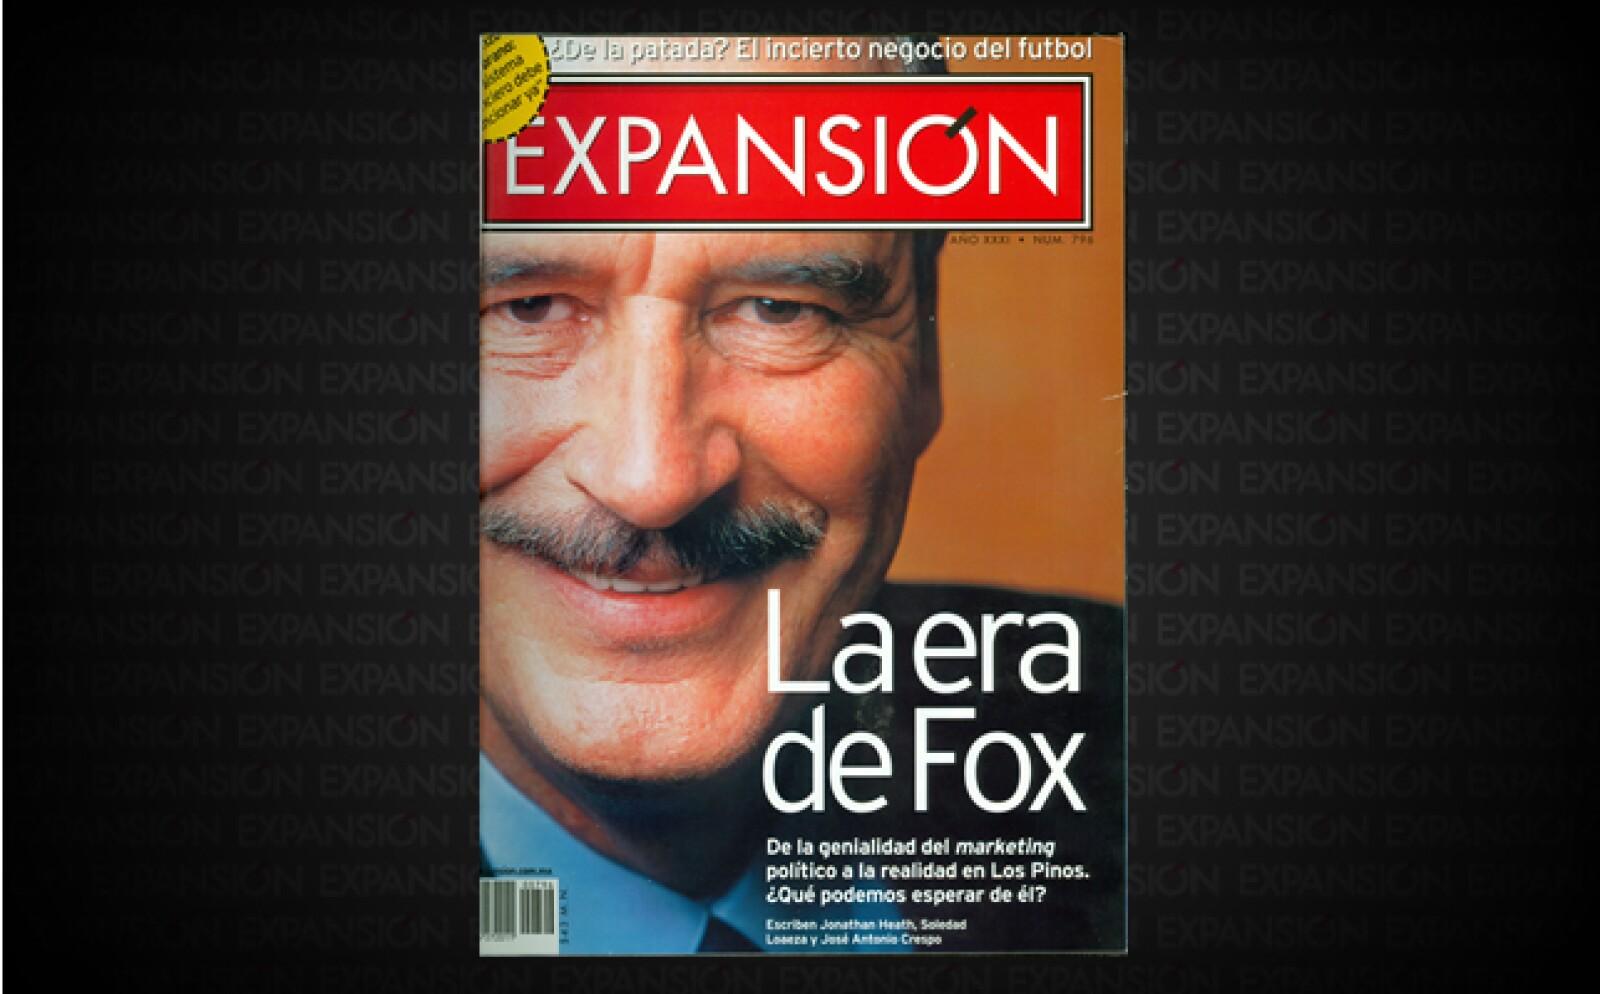 """El 2 de julio de ese año Vicente Fox terminó con una era de gobiernos priistas. Se presentó y convenció como 'el agente del cambio' y tiene """"el compromiso de ejecutar soluciones efectivas"""", publicaba Expansión."""